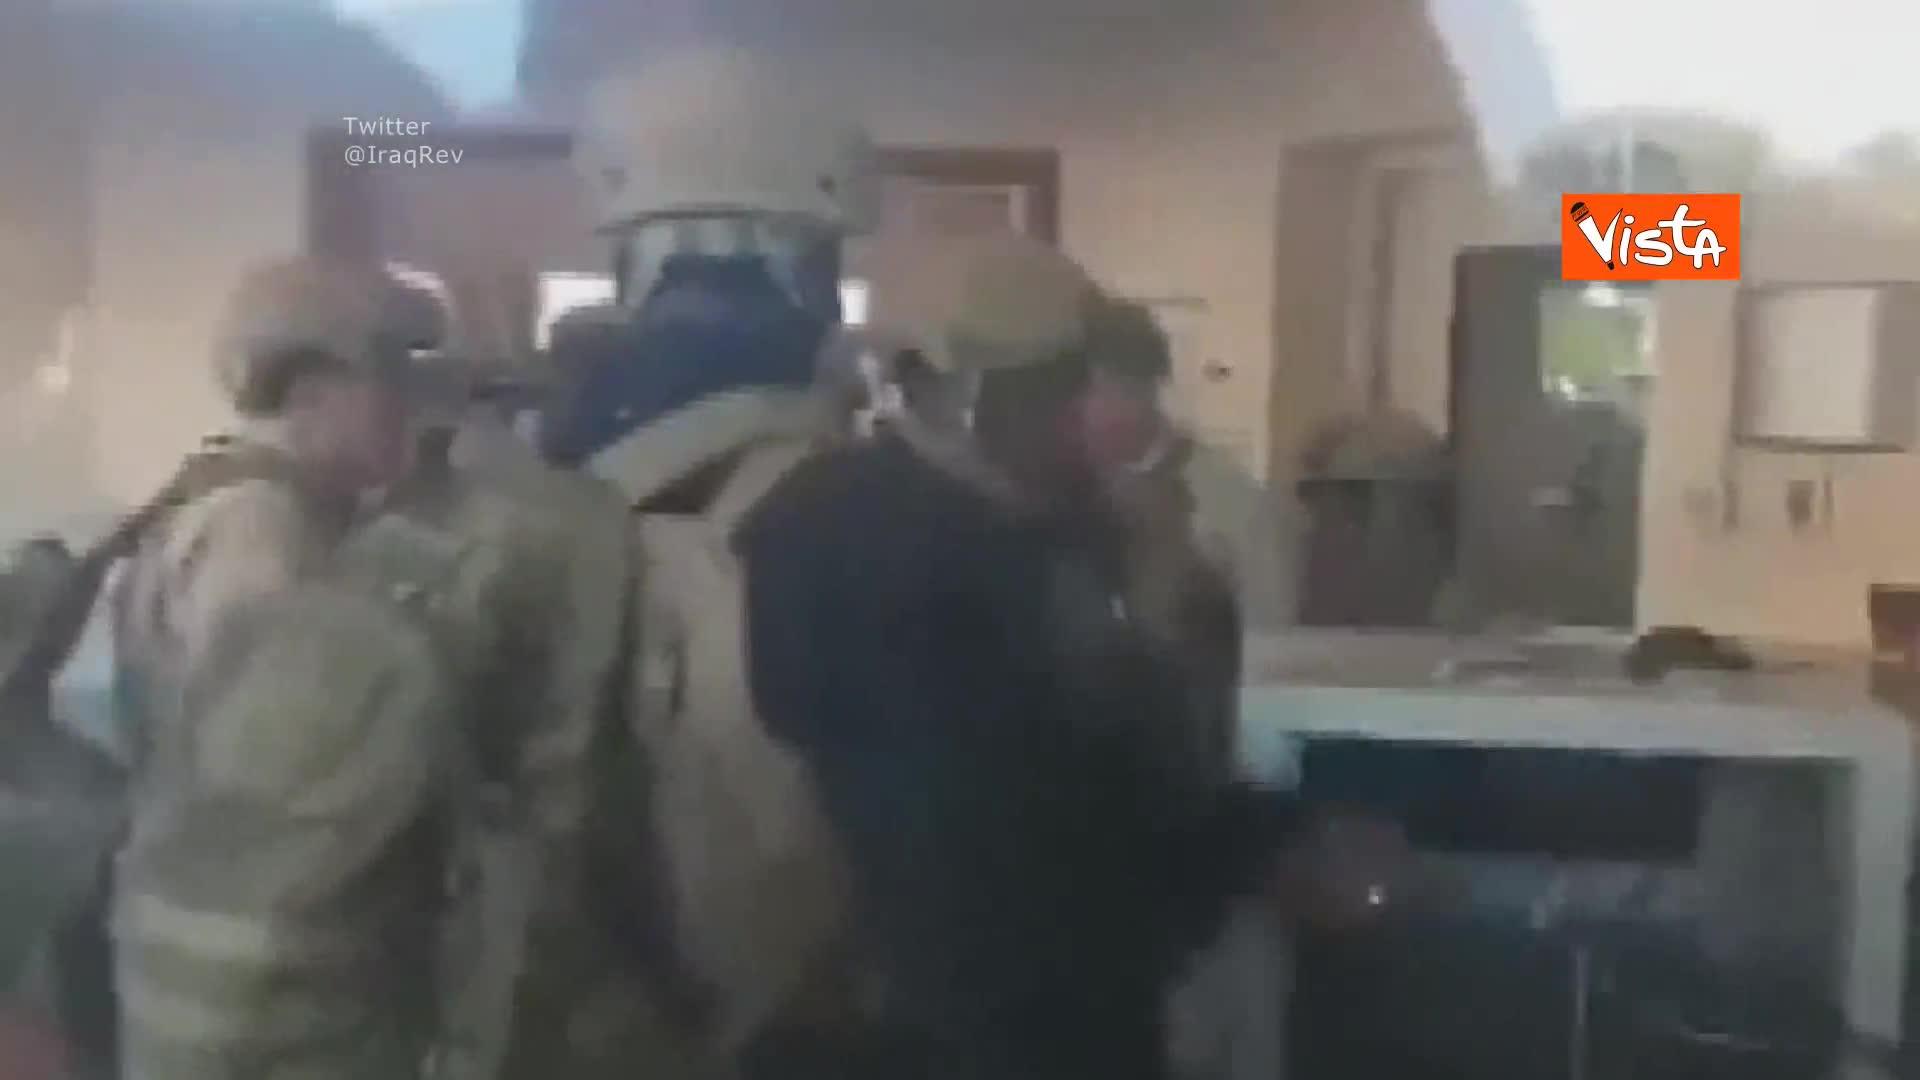 Ambasciata Usa in Iraq sotto attacco, soldati americani barricati nella reception